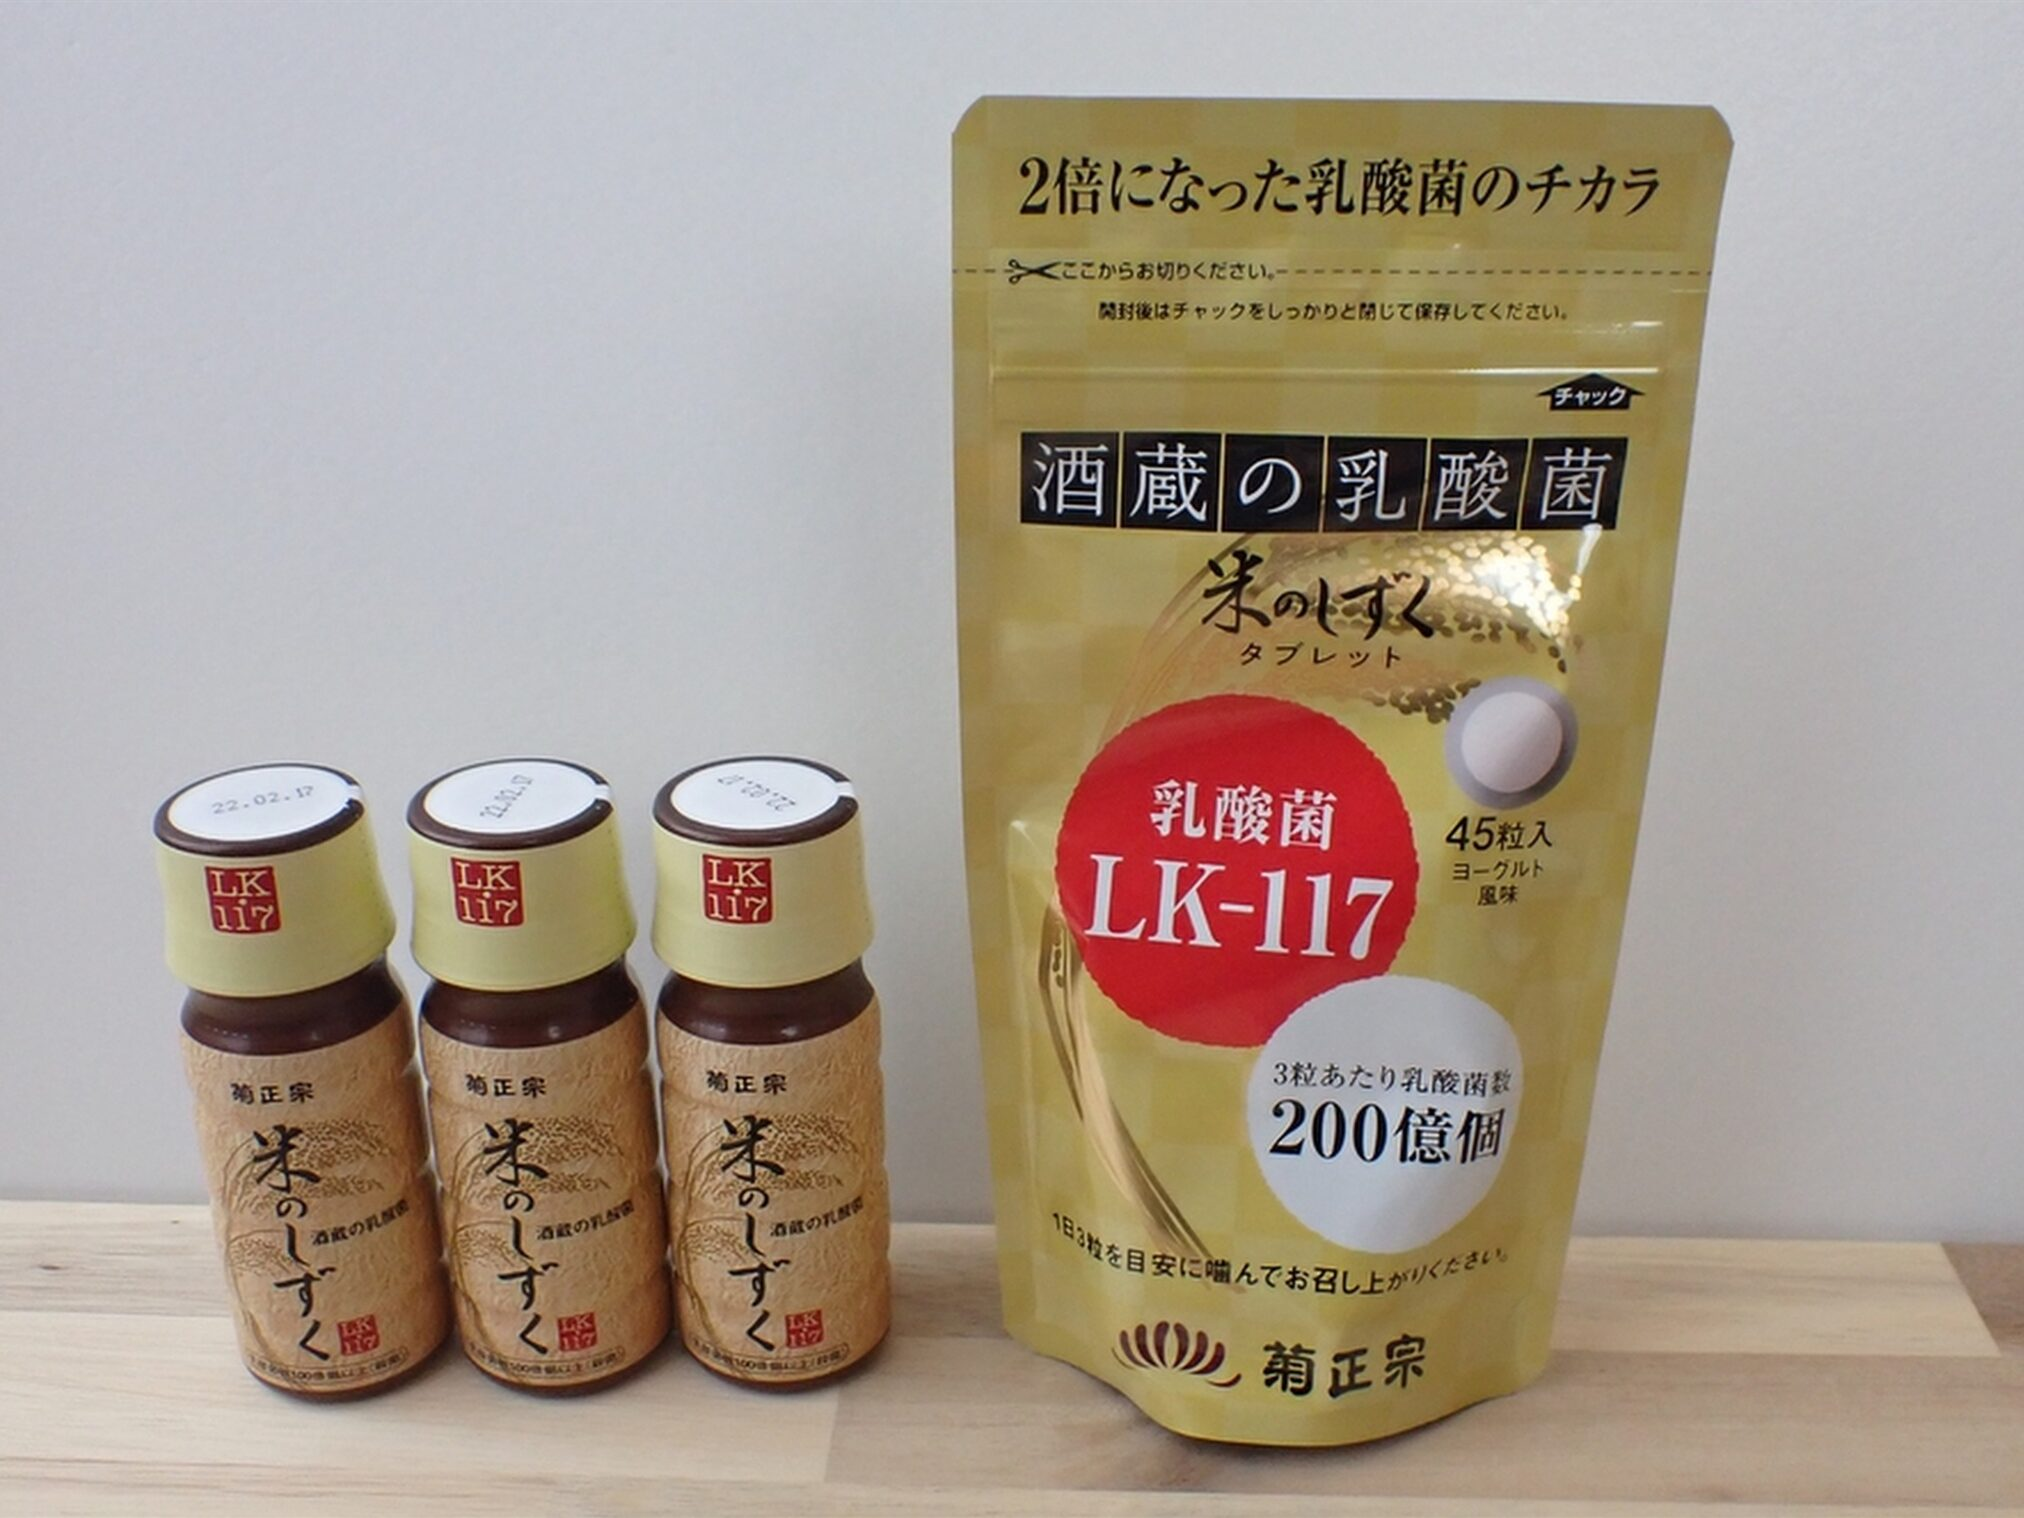 菊正宗酒造株式会社 乳酸菌「LK-117」配合 酒蔵の乳酸菌 米のしずく ドリンクタイプ タブレット 両方買って試してみた(トライアルセット)